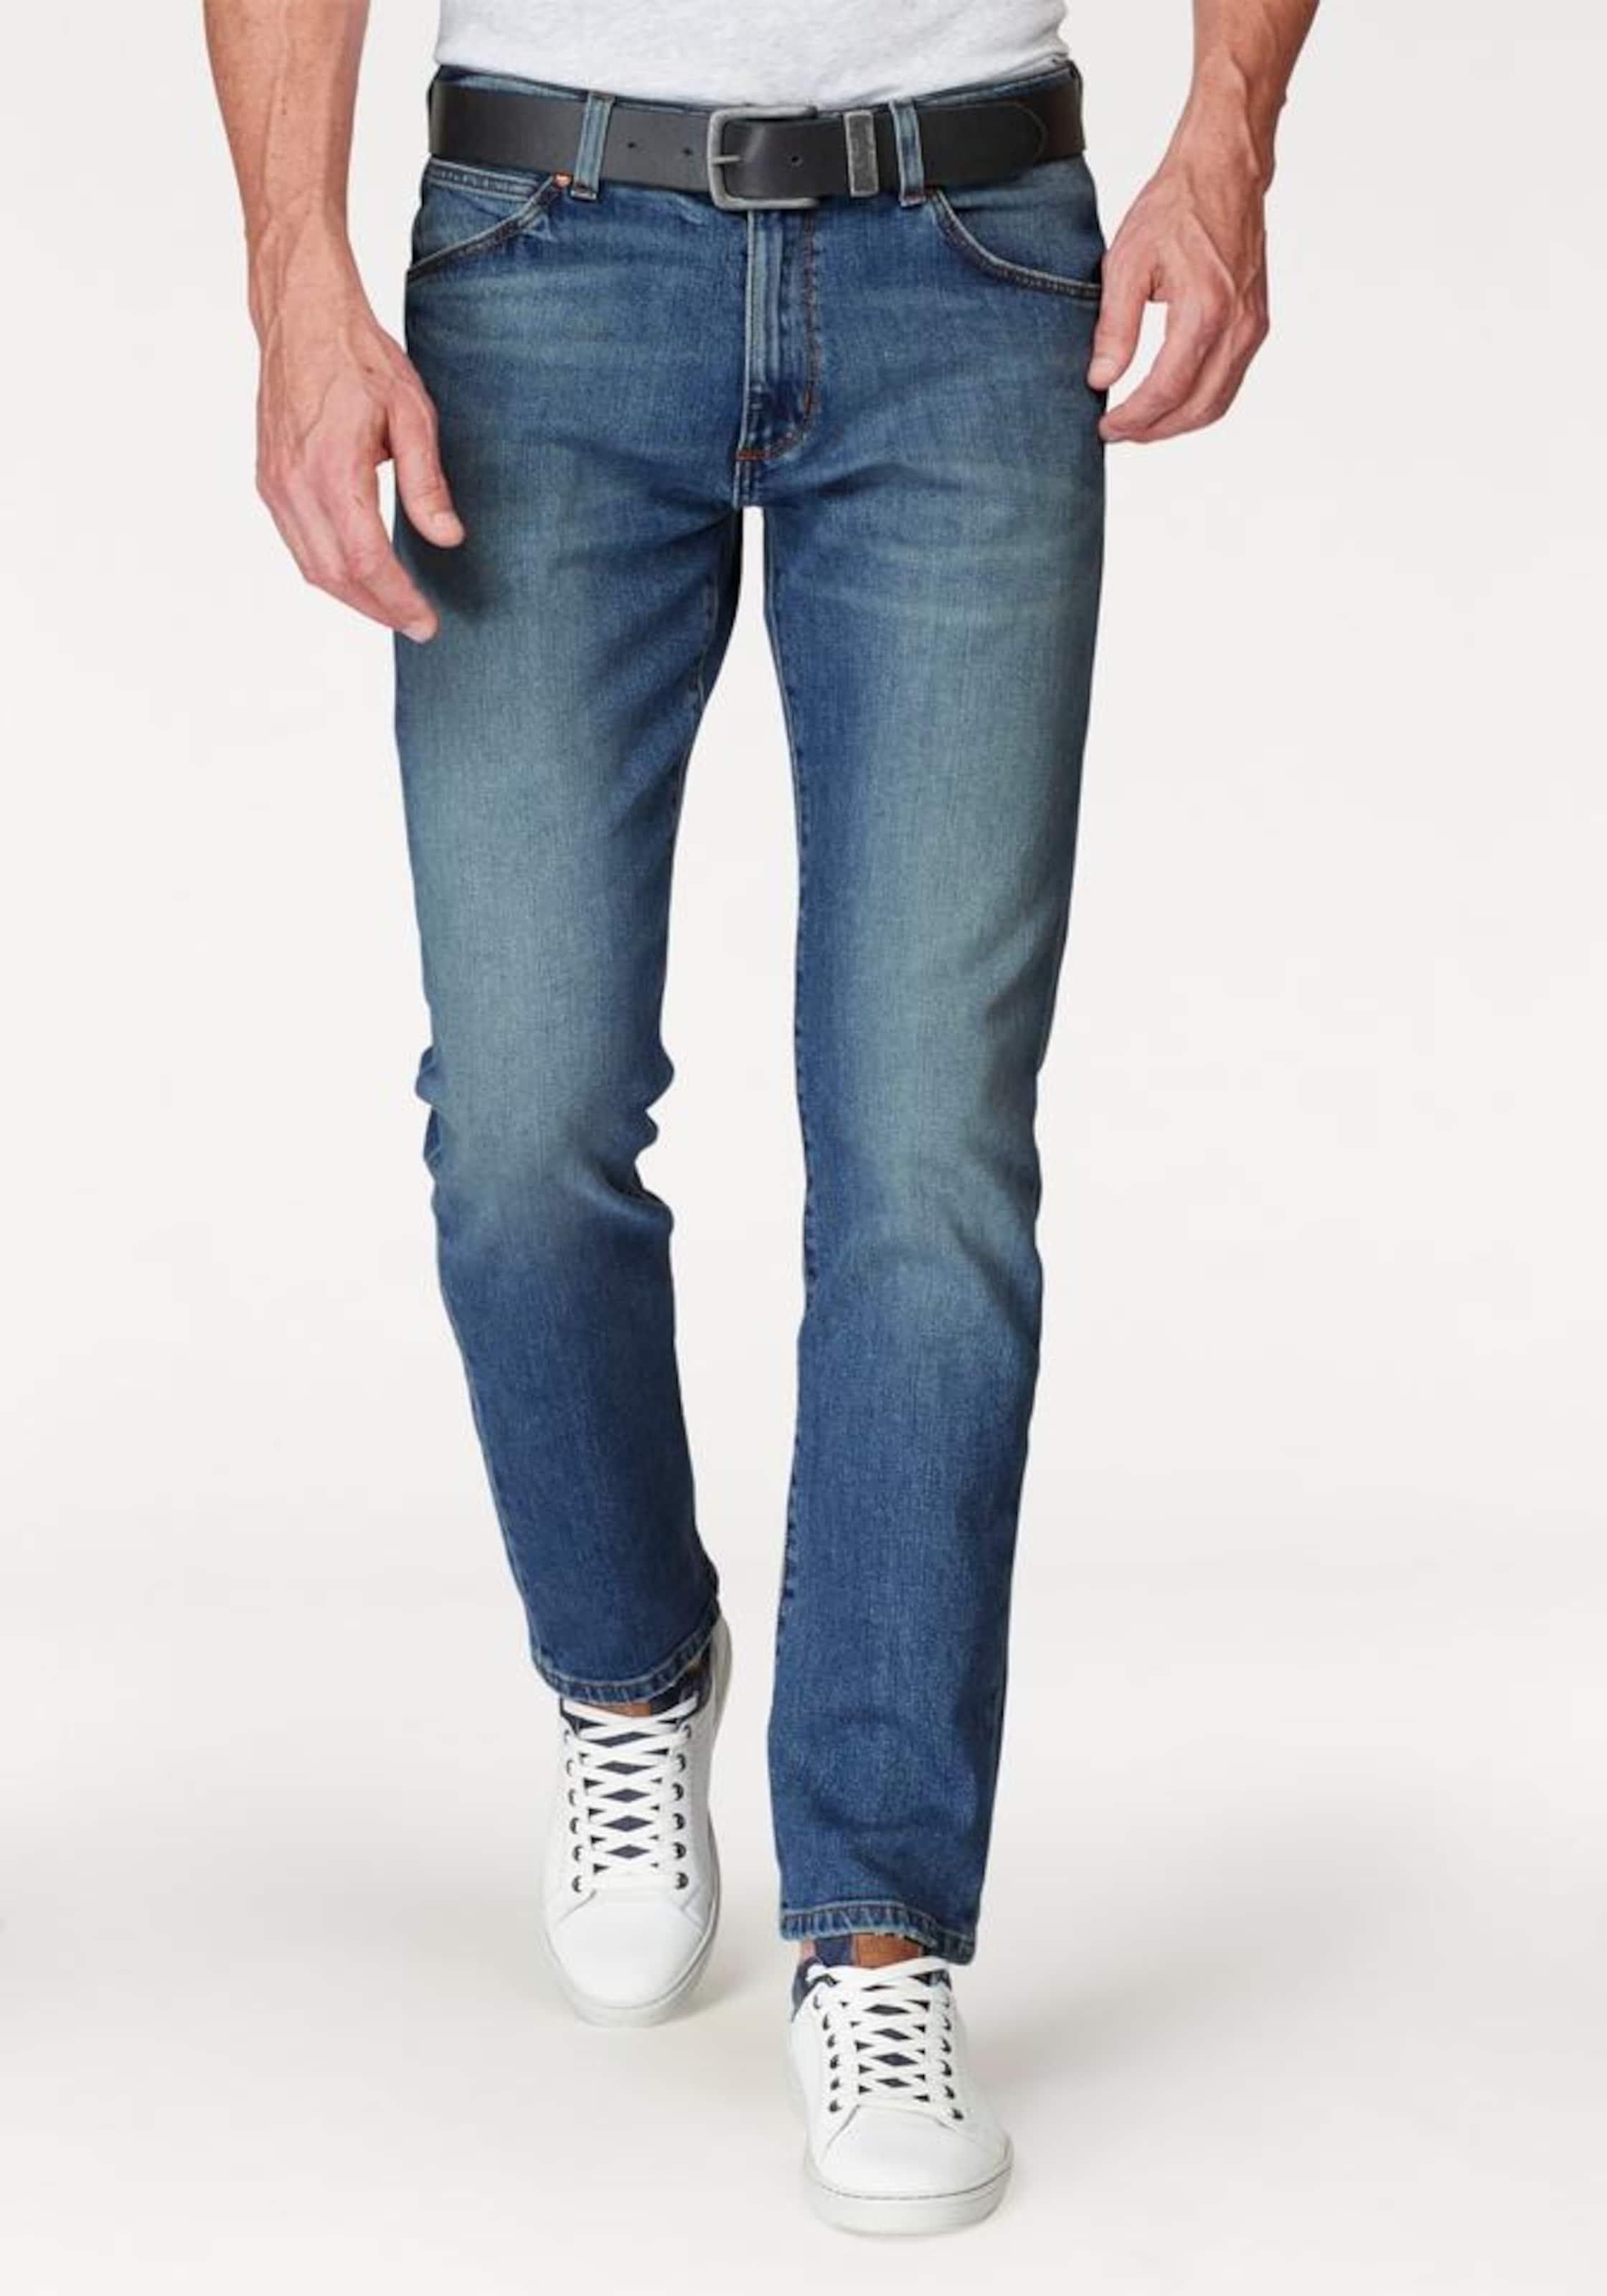 WRANGLER Stretch-Jeans 'Greensboro' Günstig Kaufen 100% Authentisch xyH95bv